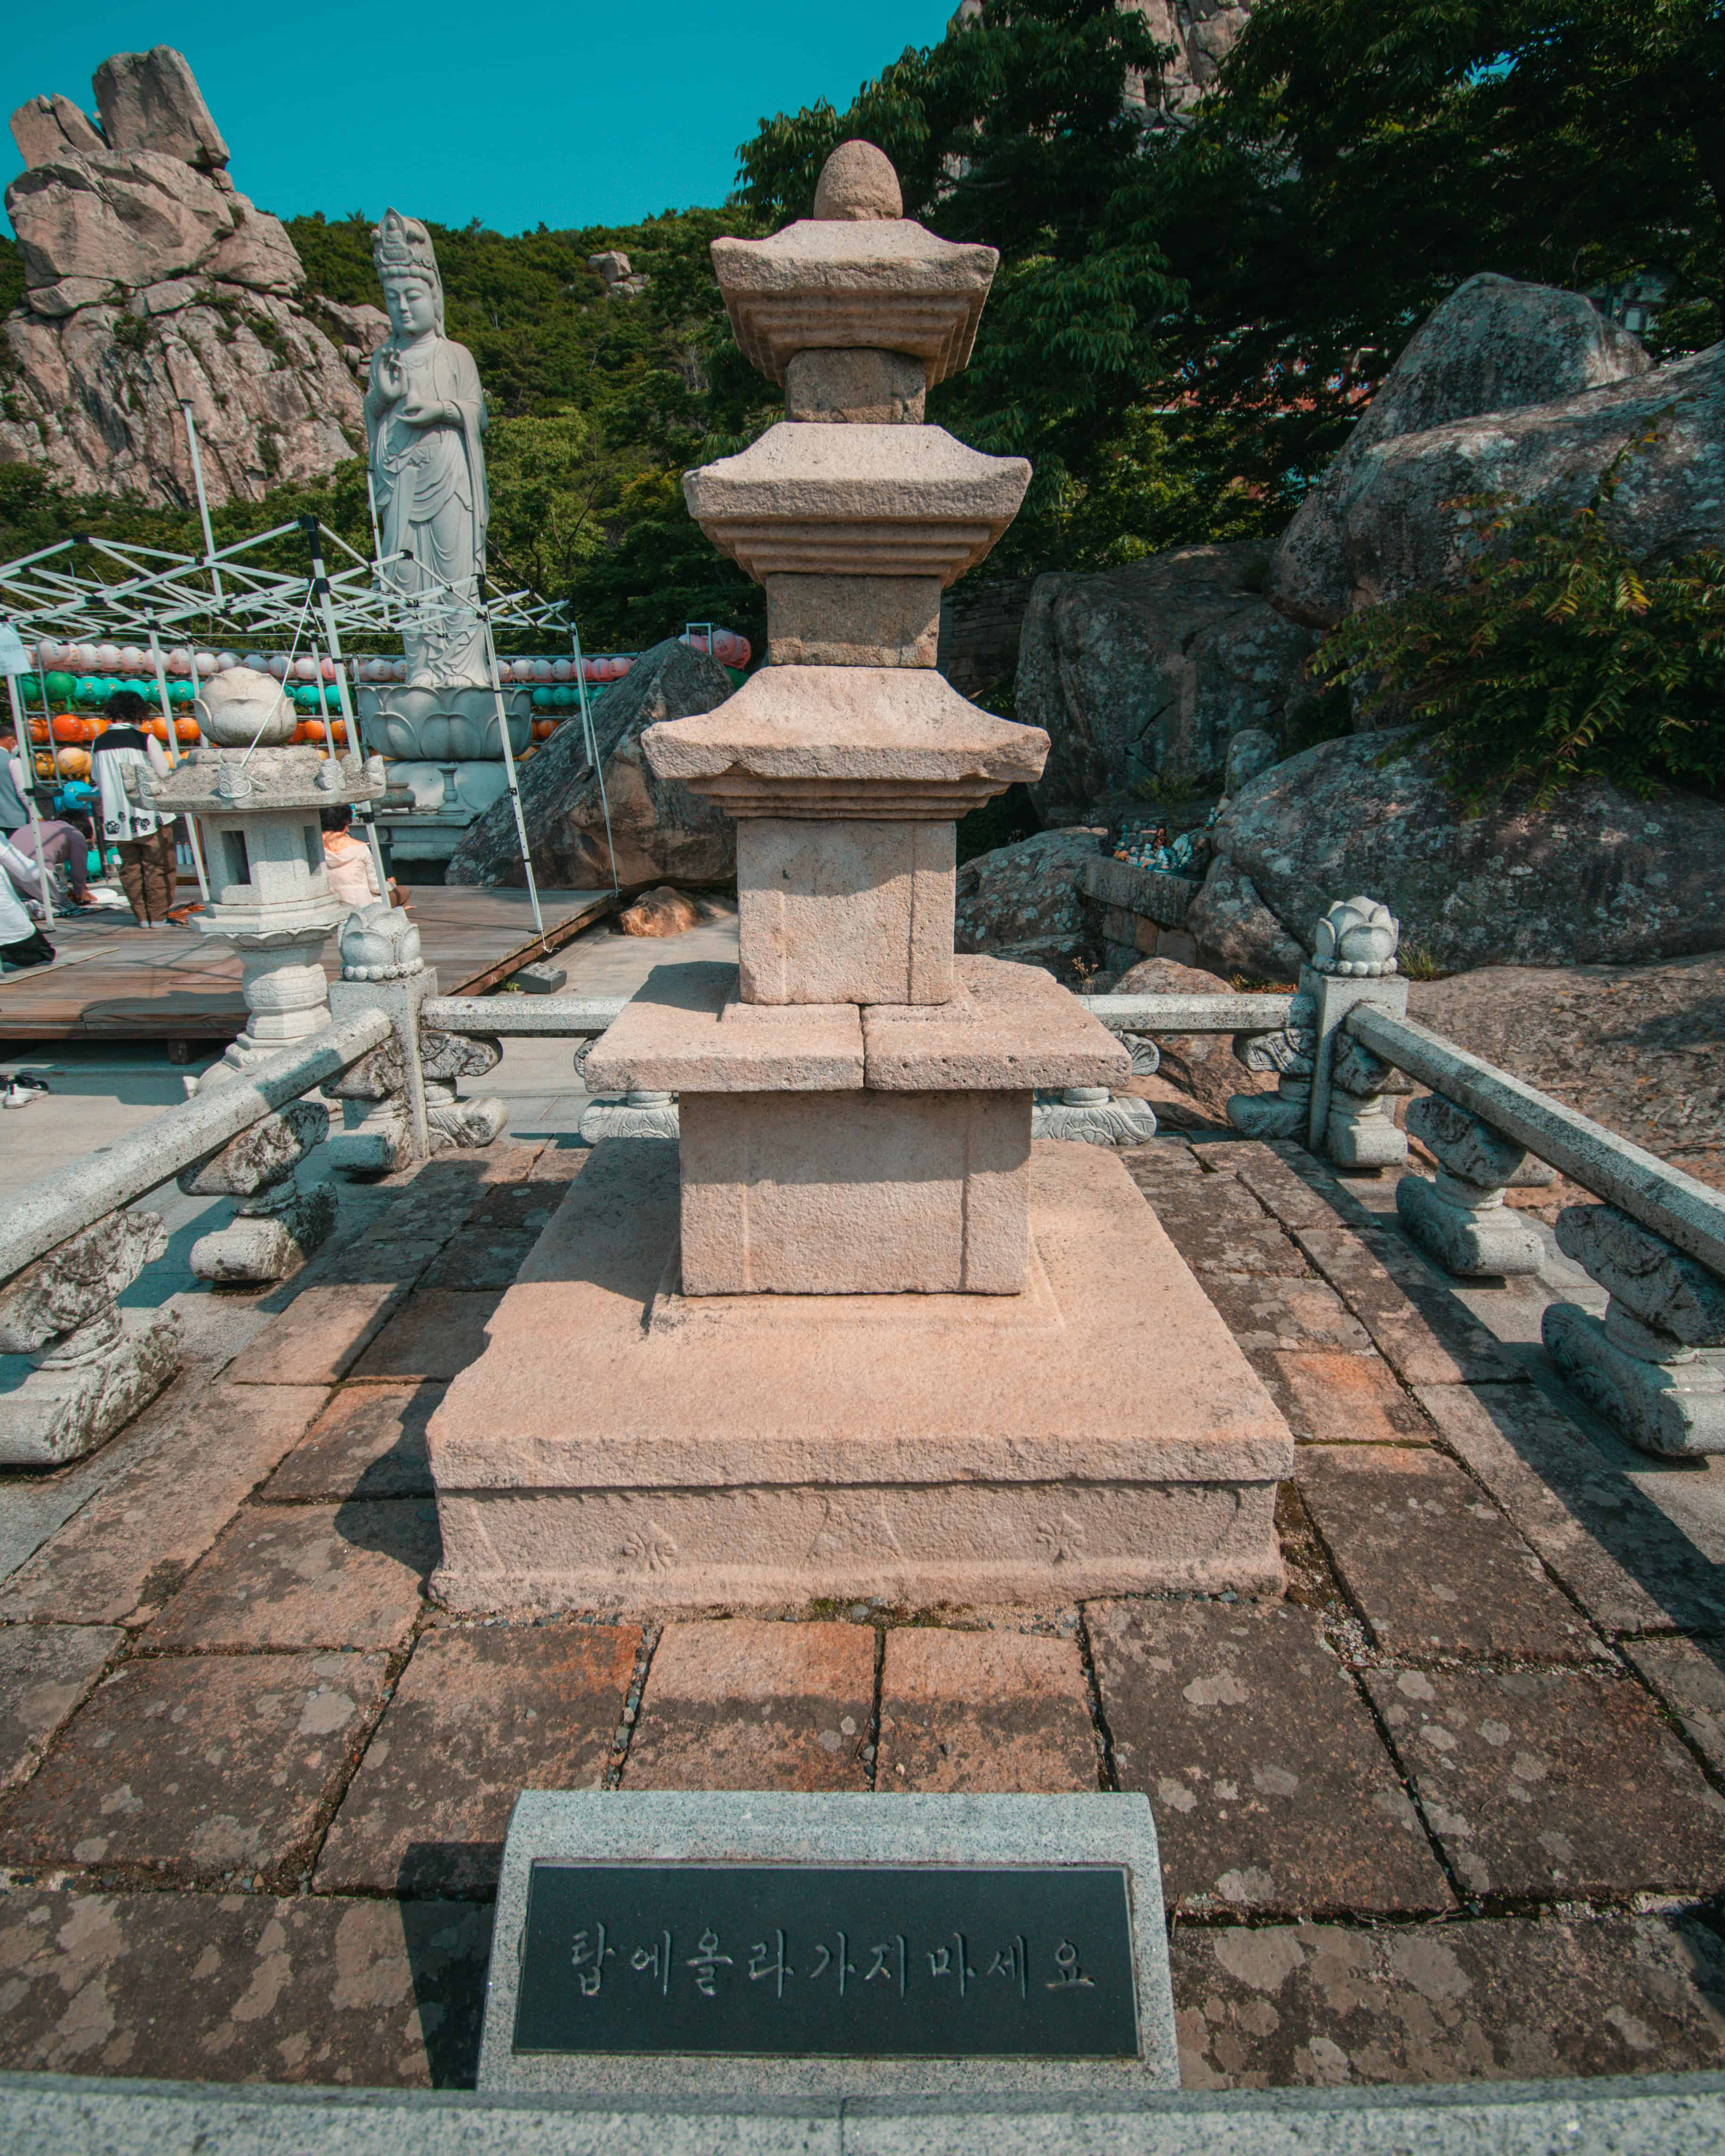 Three-story Stone Pagoda